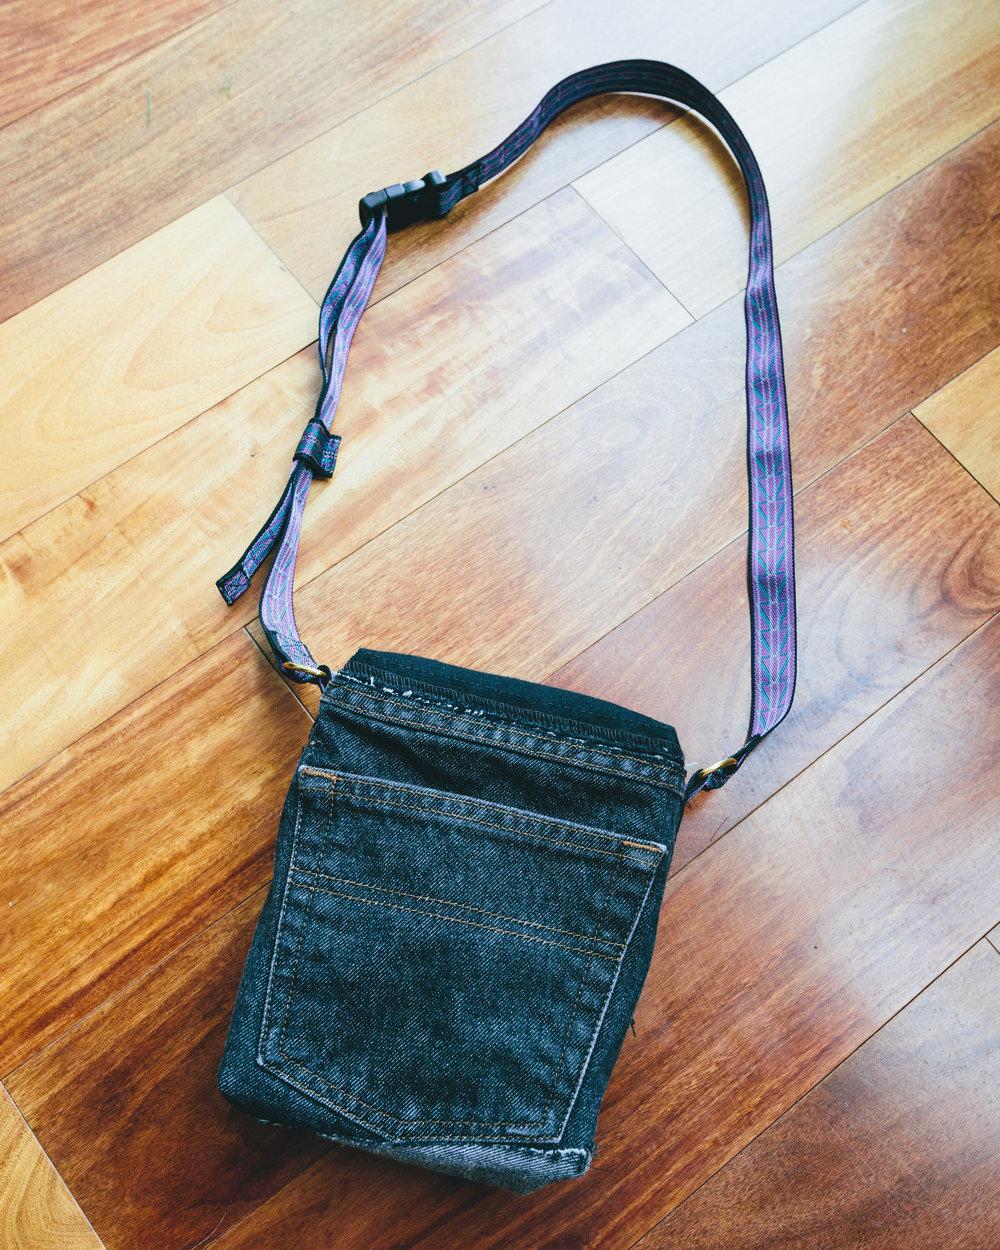 Side Bag - Denim bag constructed from vintage jeans.